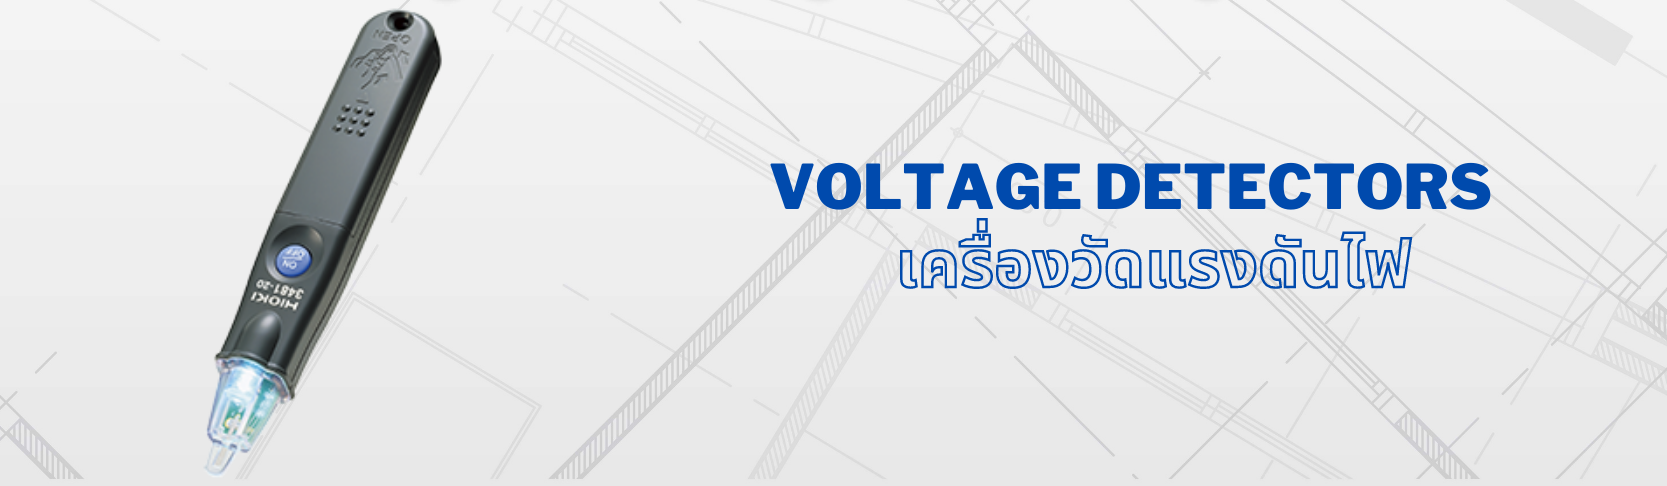 เครื่องวัดแรงดันไฟ (Voltage Detector)